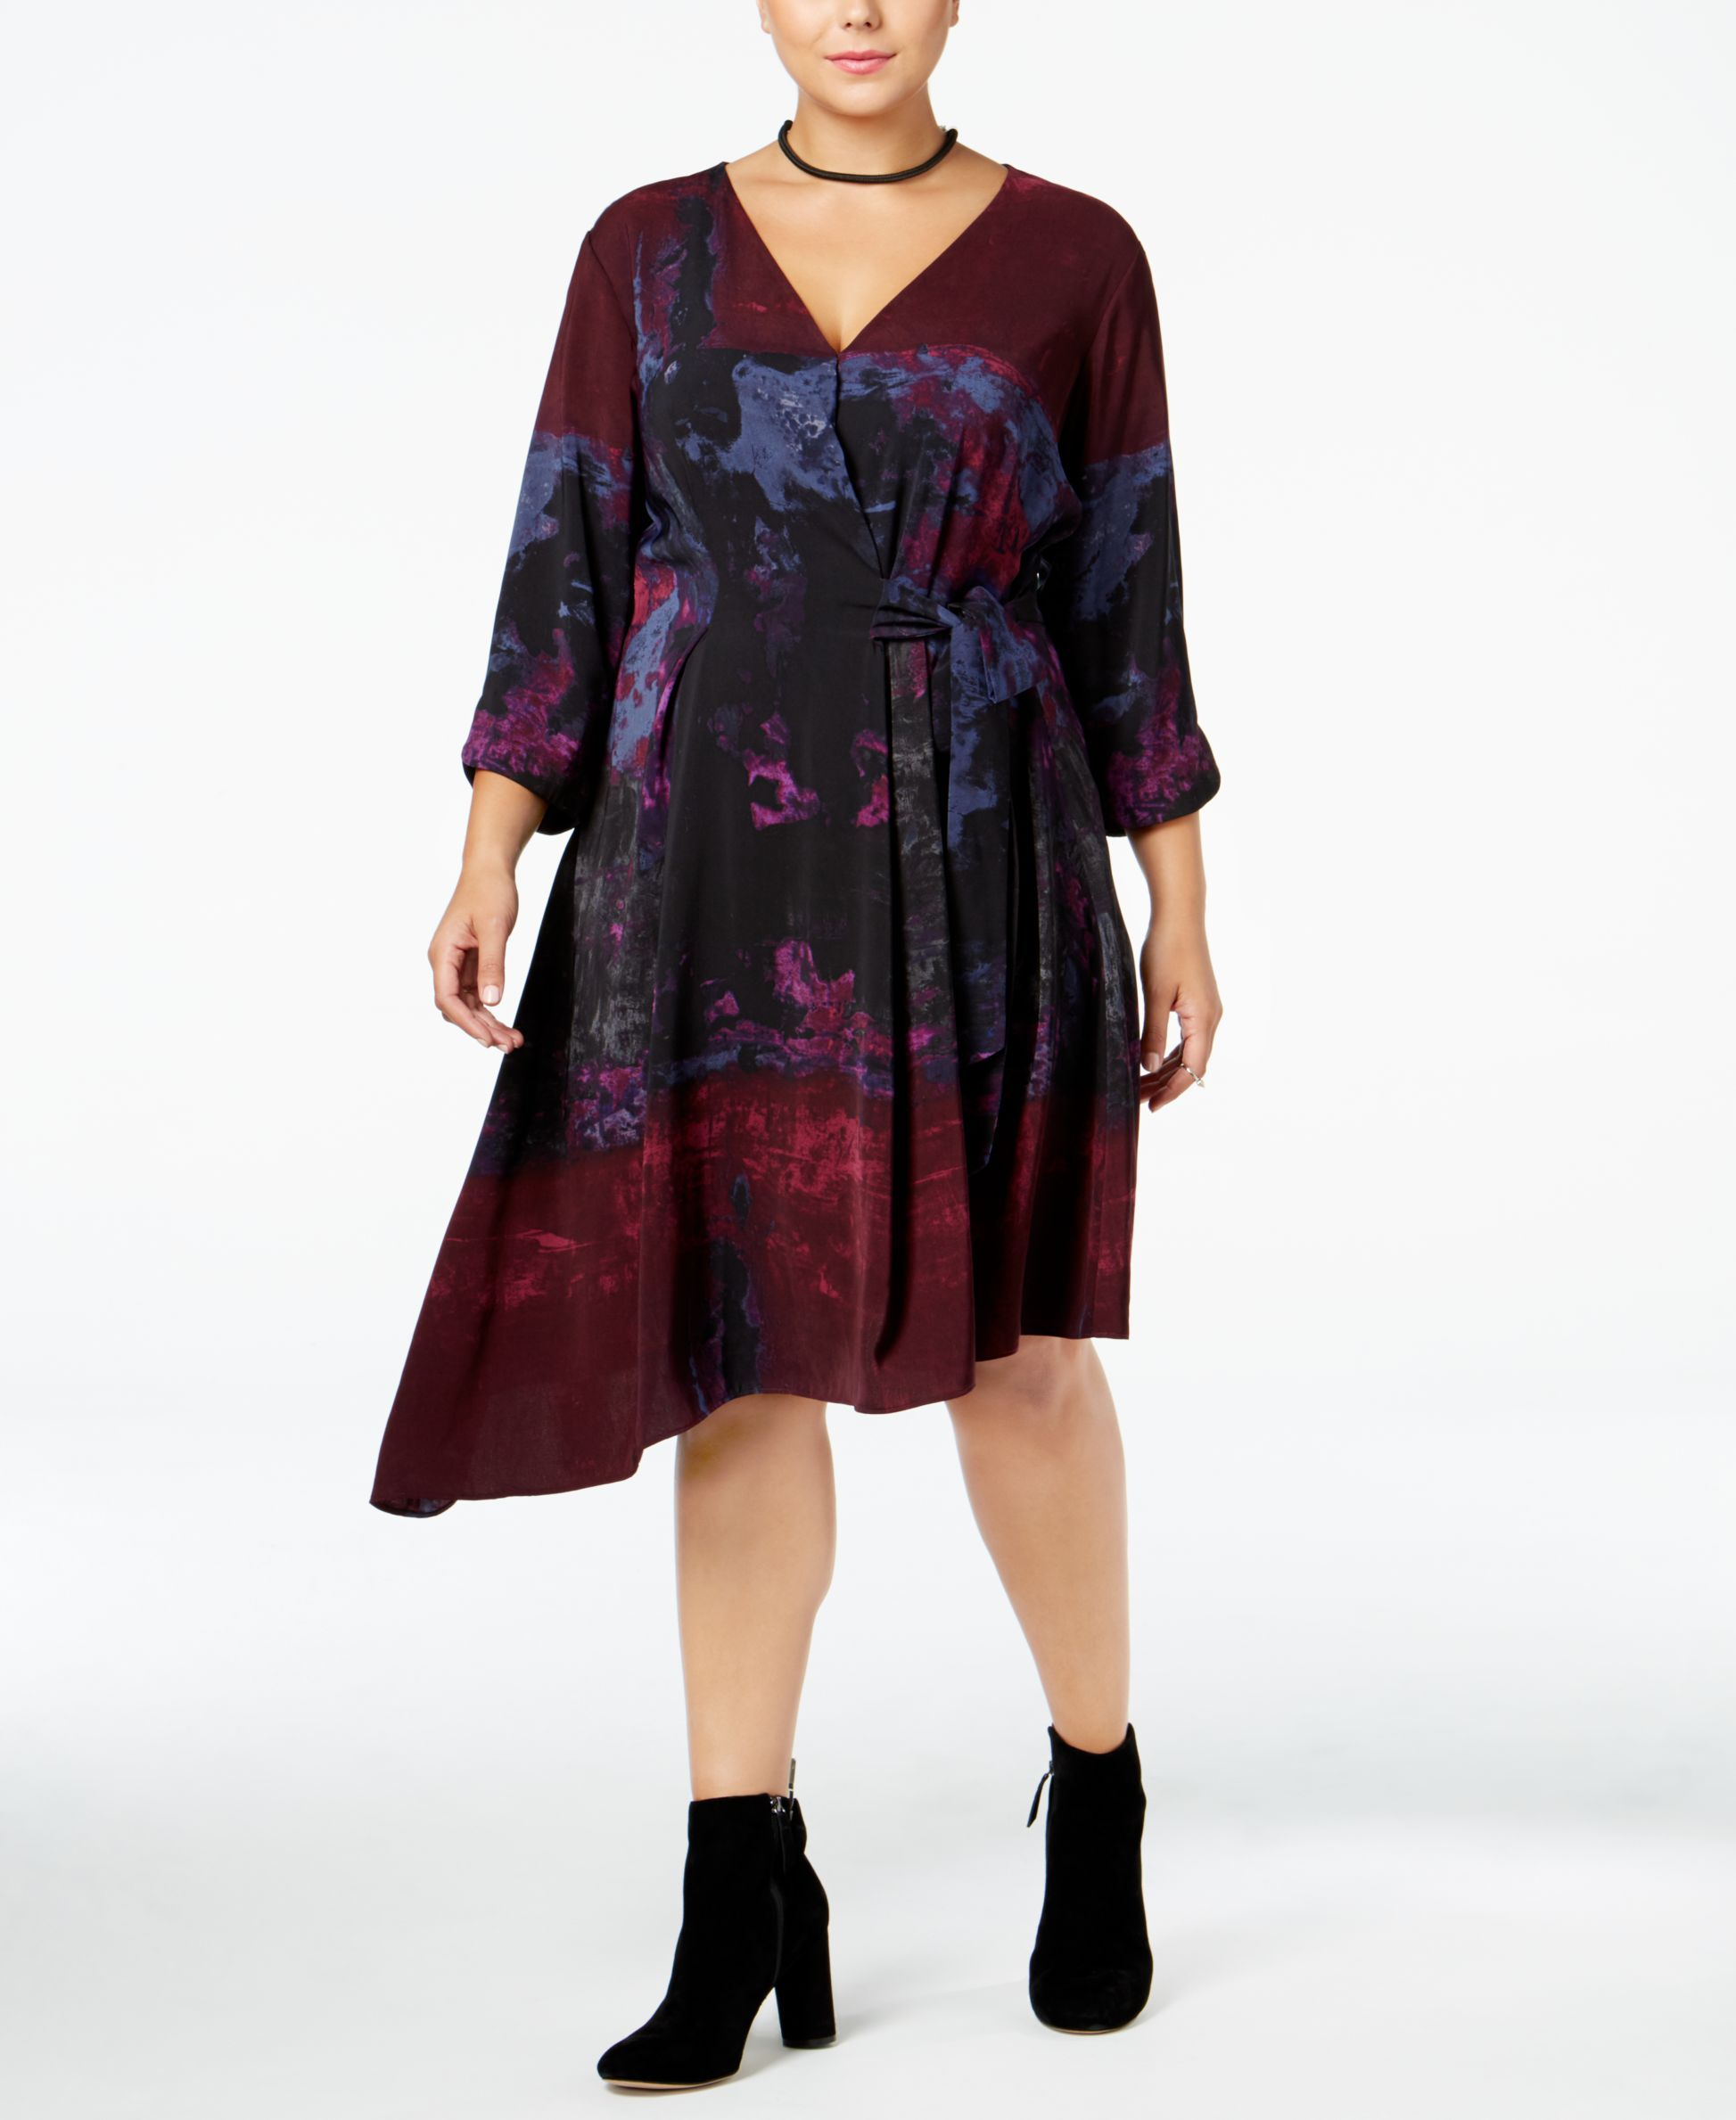 6876b1ead5f Rachel Rachel Roy Curvy Trendy Plus Size Asymmetrical Dress